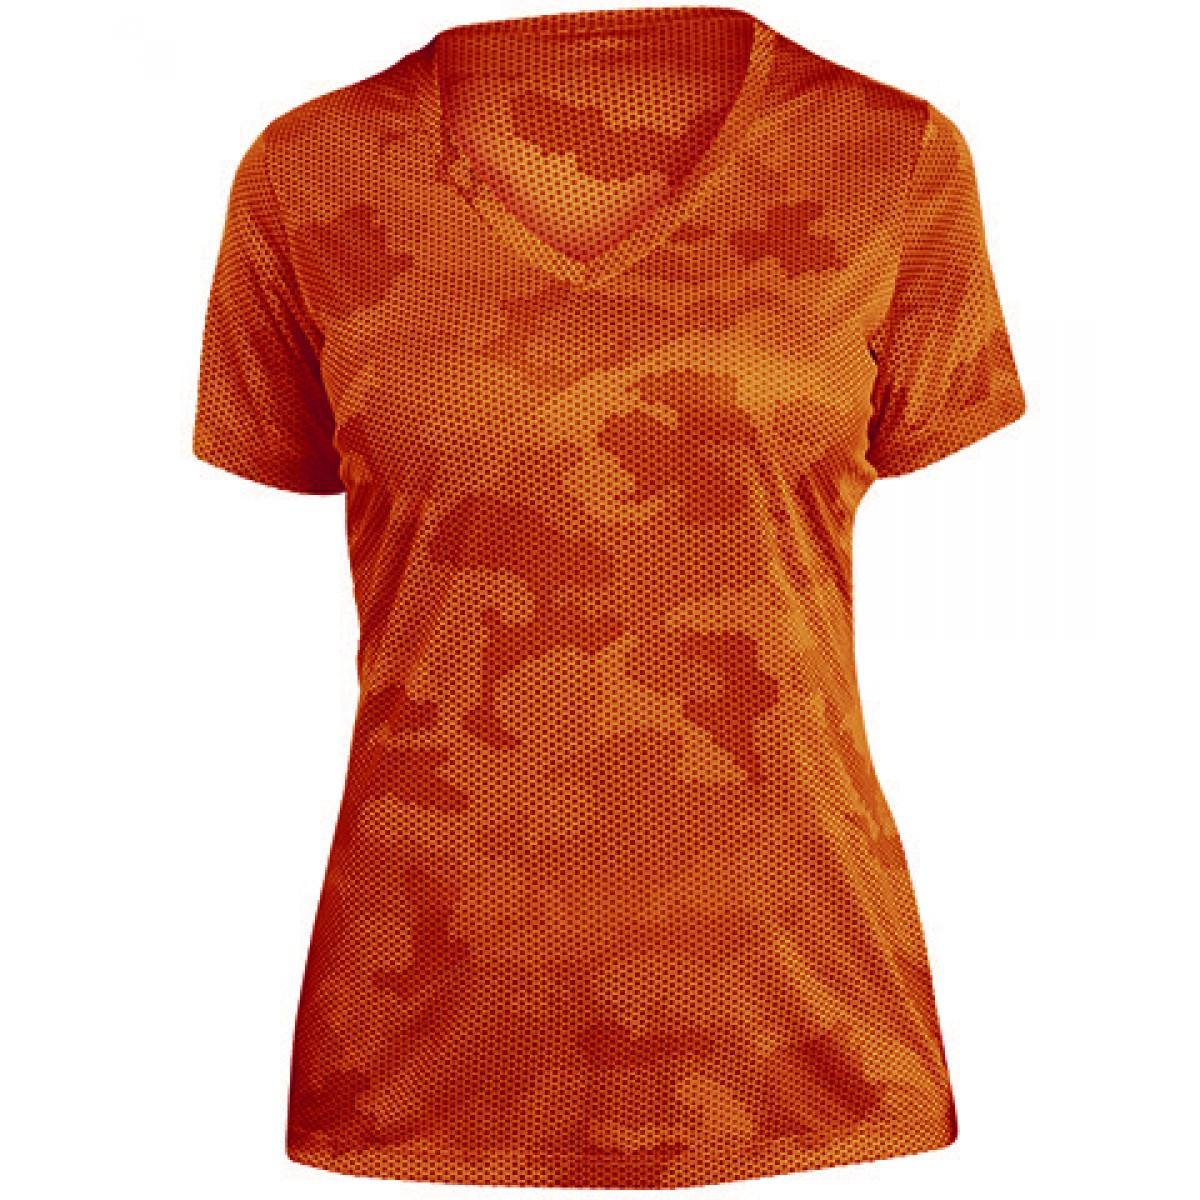 Ladies CamoHex V-Neck Tee-Orange-2XL